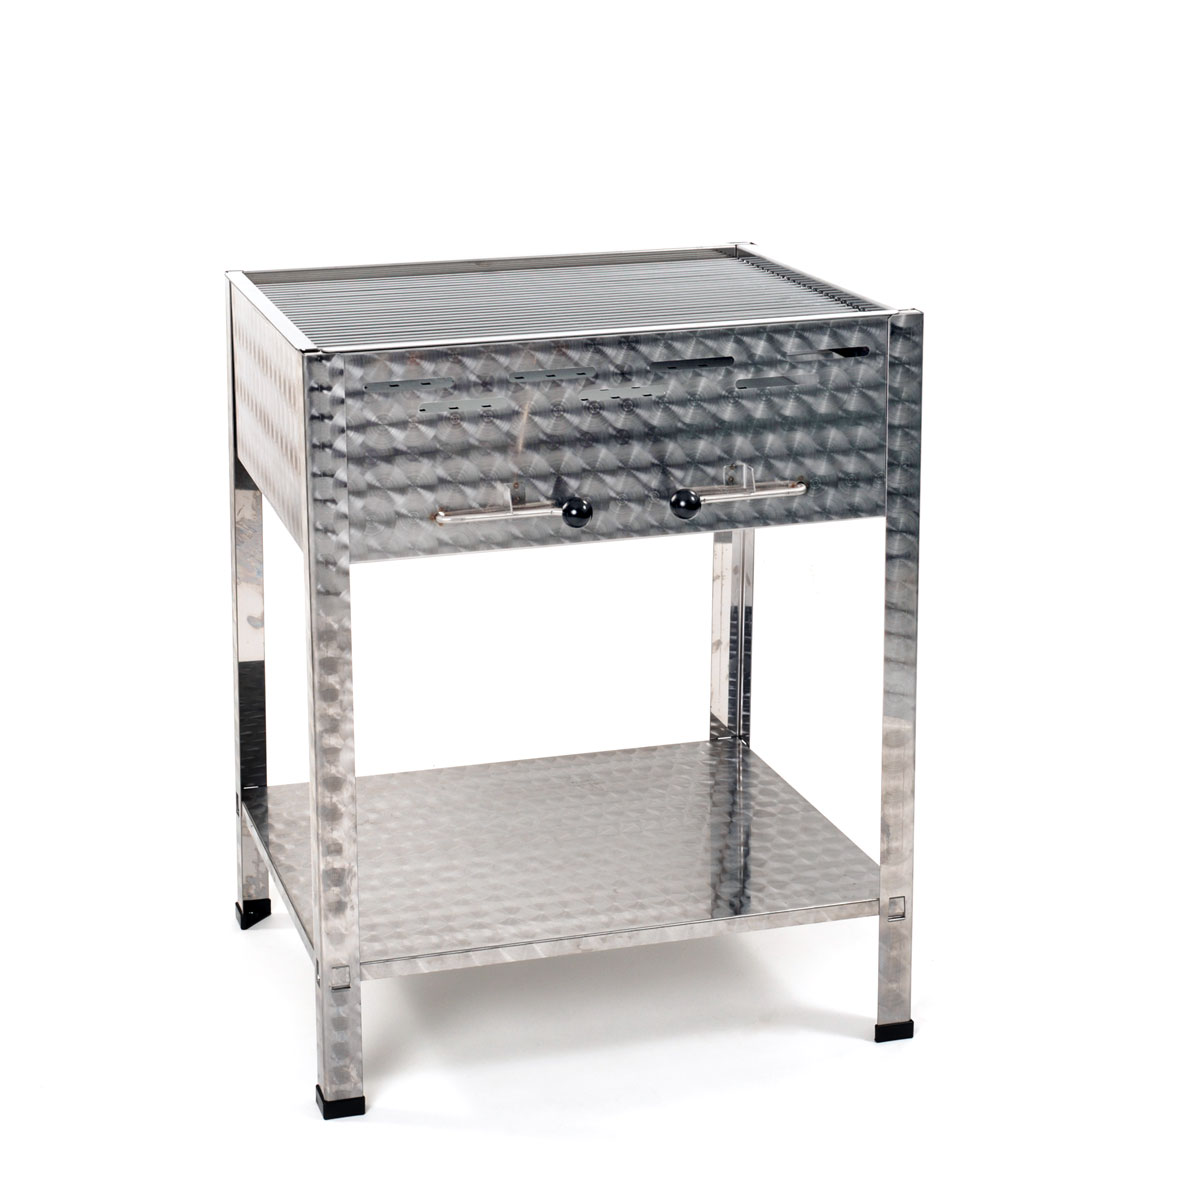 v2a edelstahl holzkohlegrill profi grill verein catering gastronomie 700mm ebay. Black Bedroom Furniture Sets. Home Design Ideas